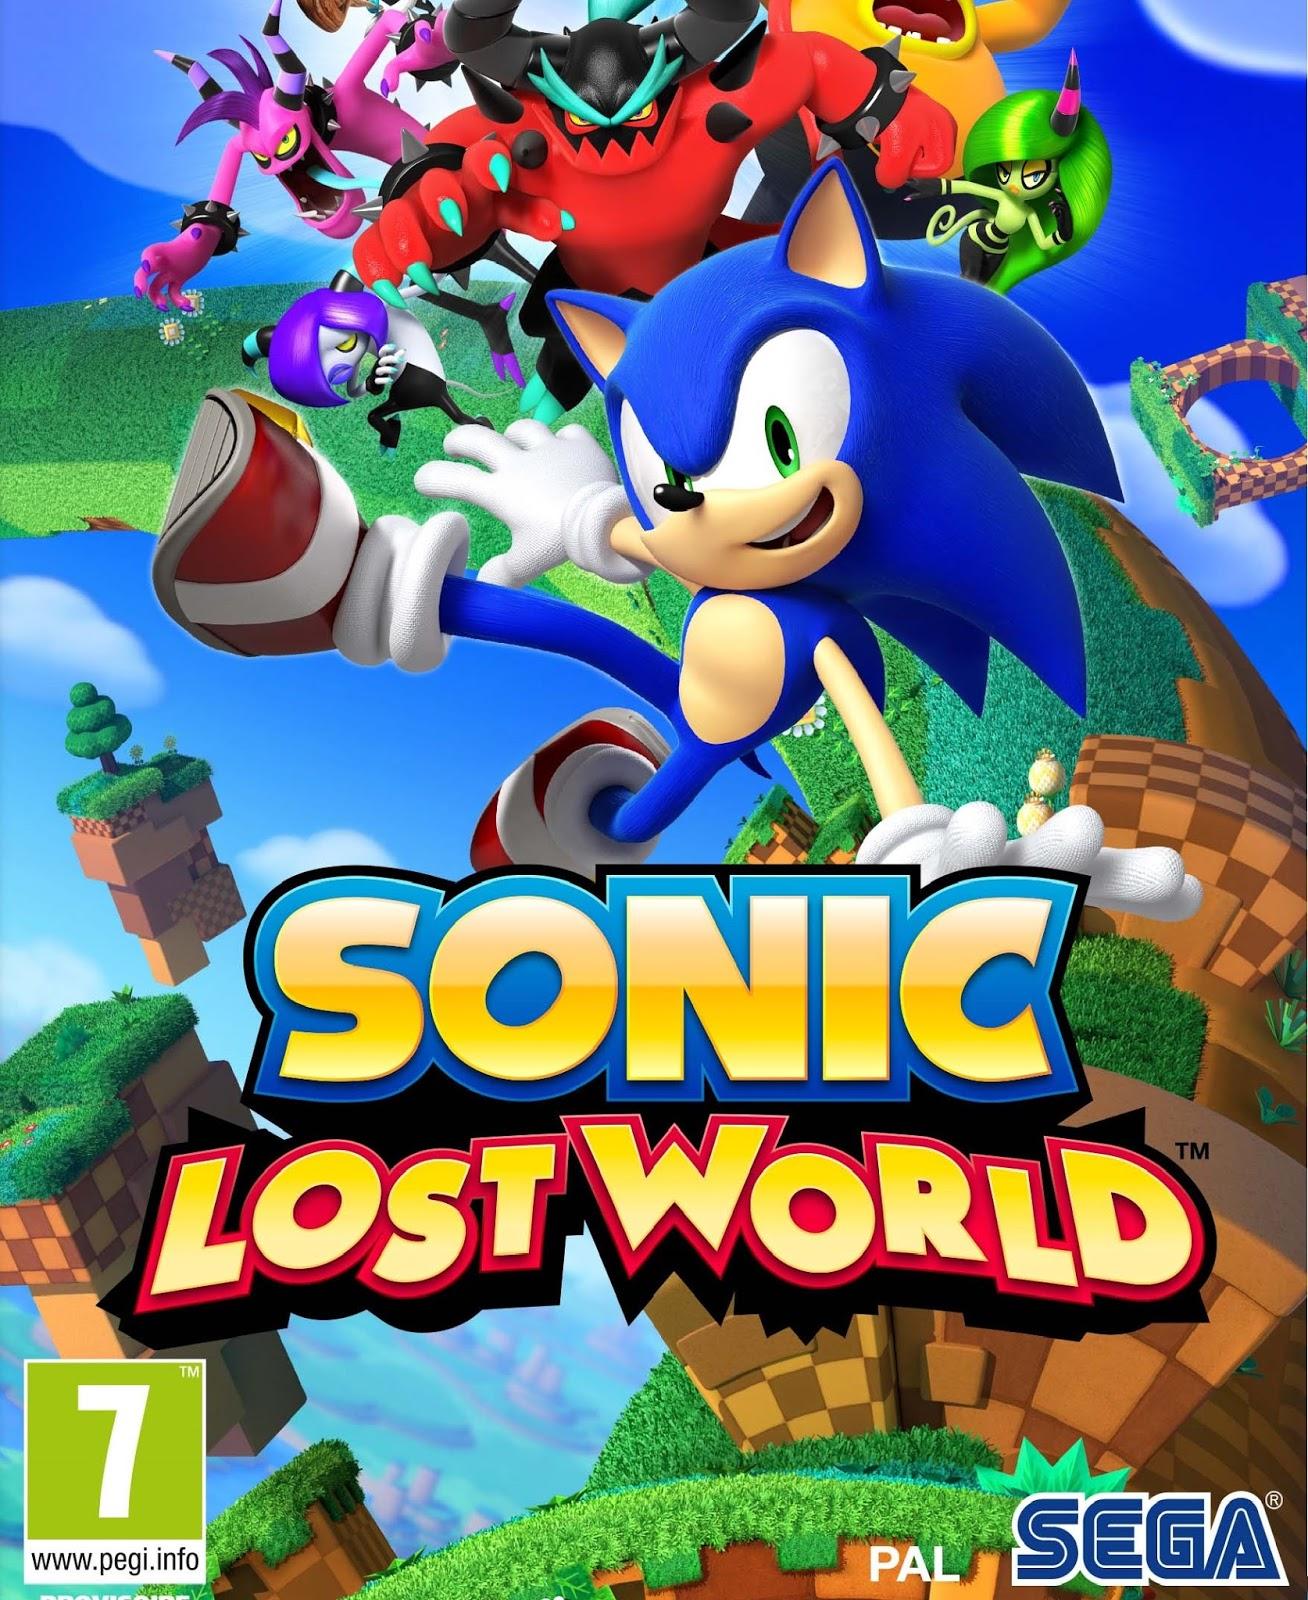 Sonic Lost World ESPAÑOL PC Full Cover Caratula